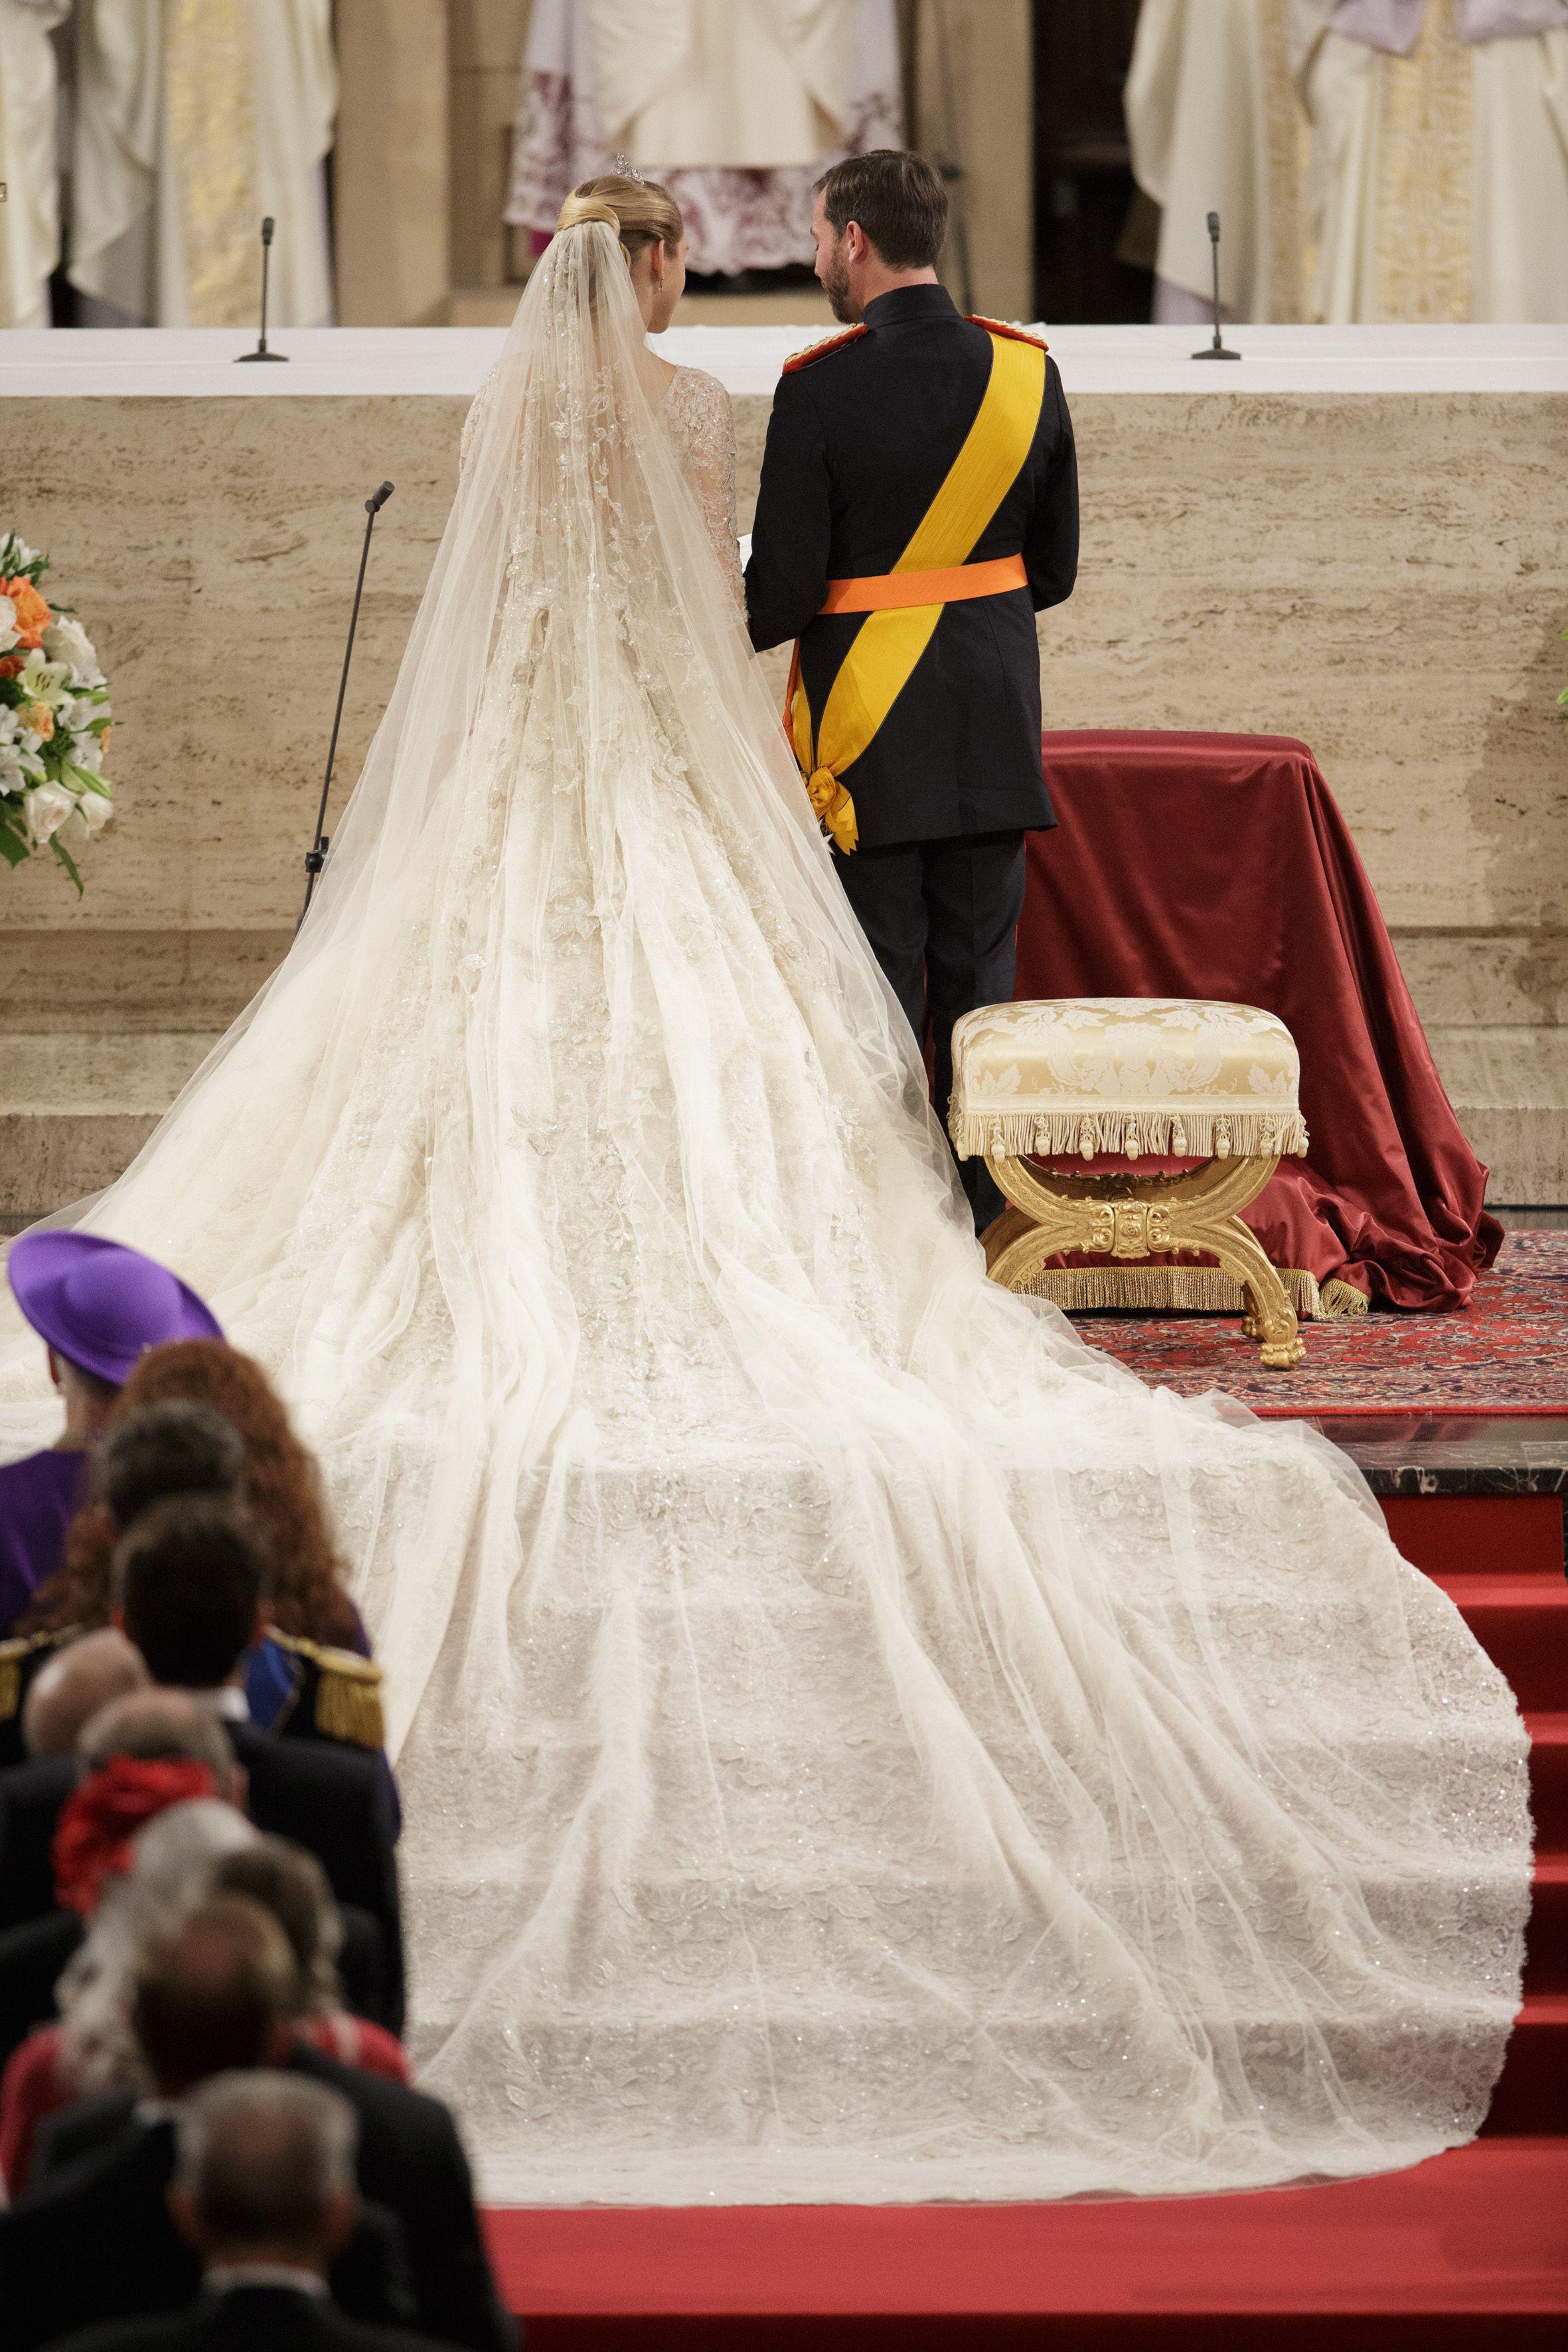 Countess Stephanie De Lannoy Wore An Elie Saab Haute Couture Wedding Dress For Her Marriage To H Konigliche Hochzeitskleider Kleid Hochzeit Konigliche Hochzeit [ 3543 x 2362 Pixel ]